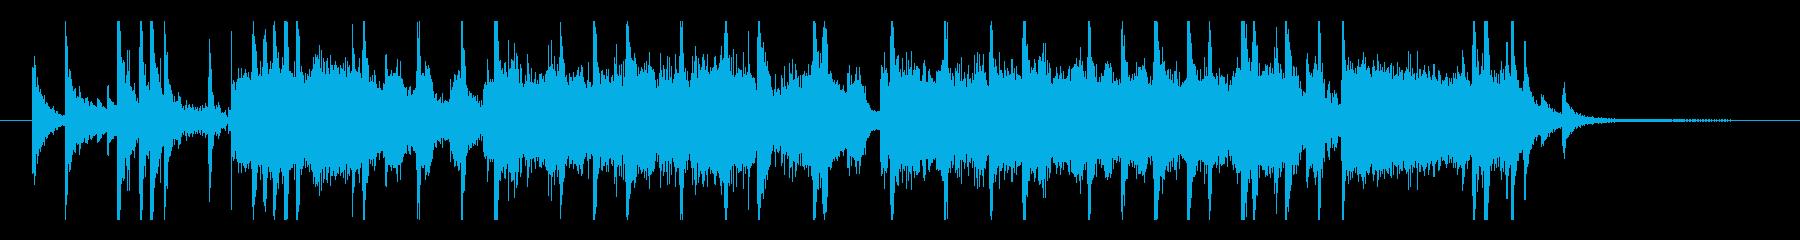 ショータイムの始まりのようなジングルの再生済みの波形